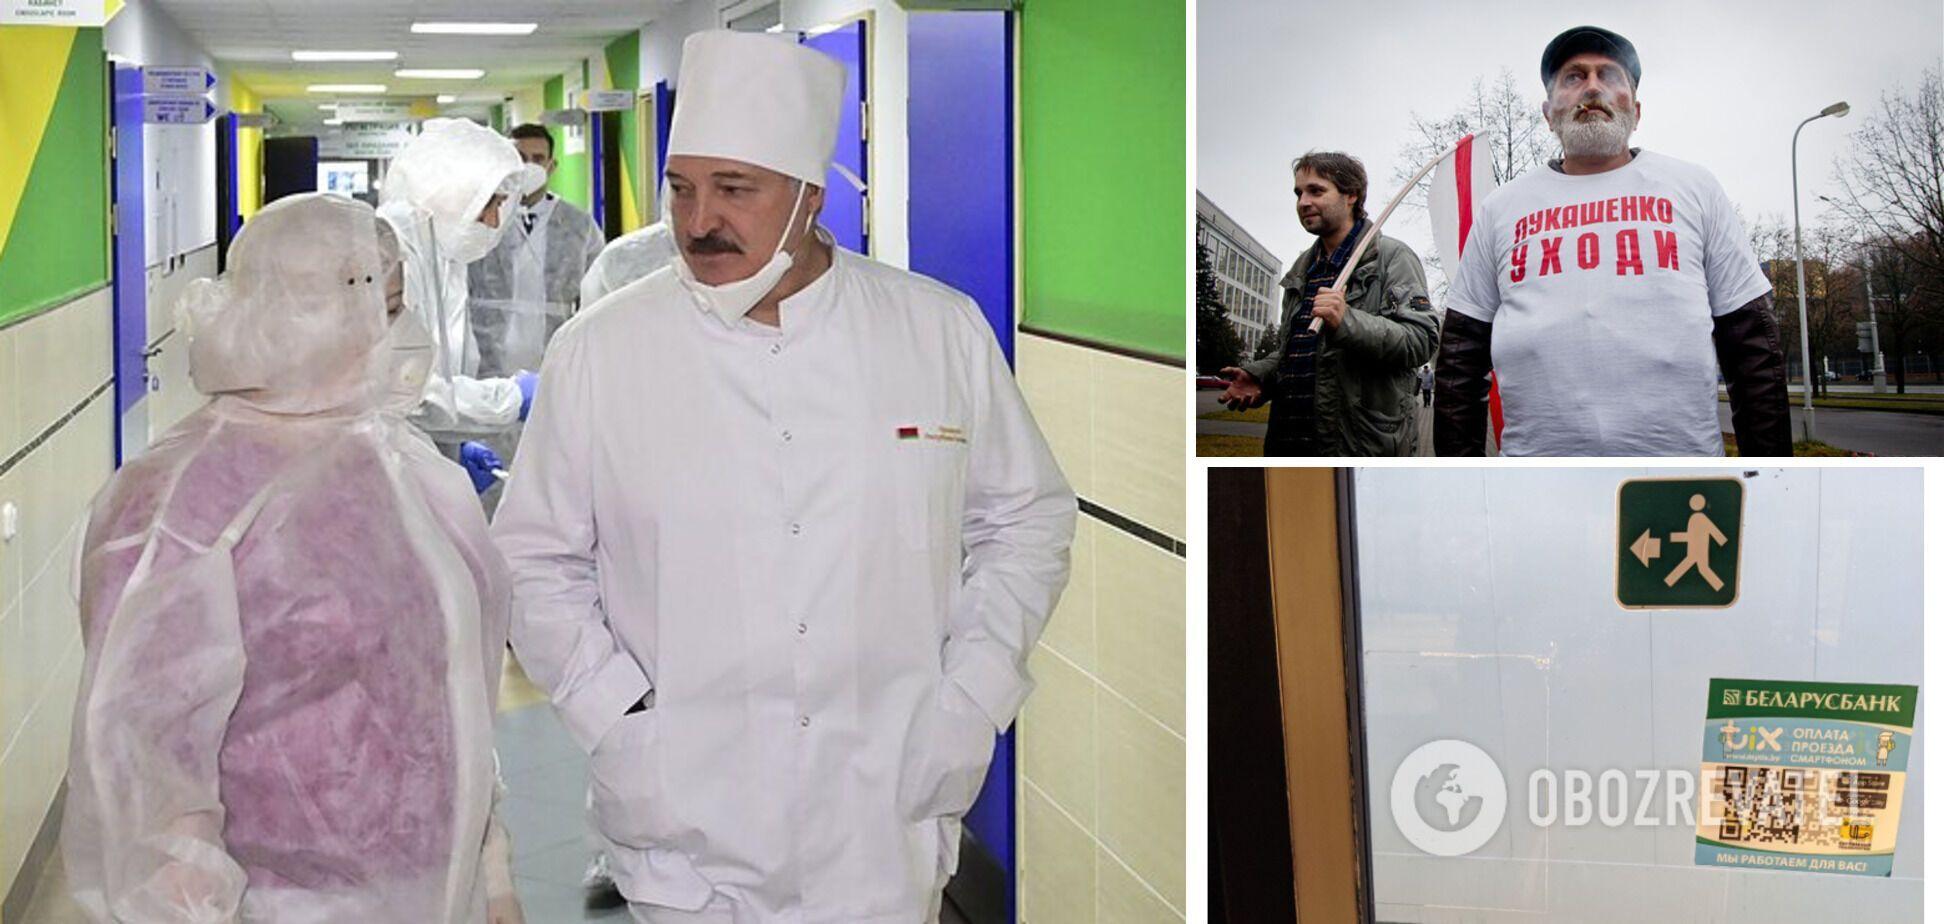 'Ковидный' демарш Лукашенко: диктатор уничтожает беларусов?